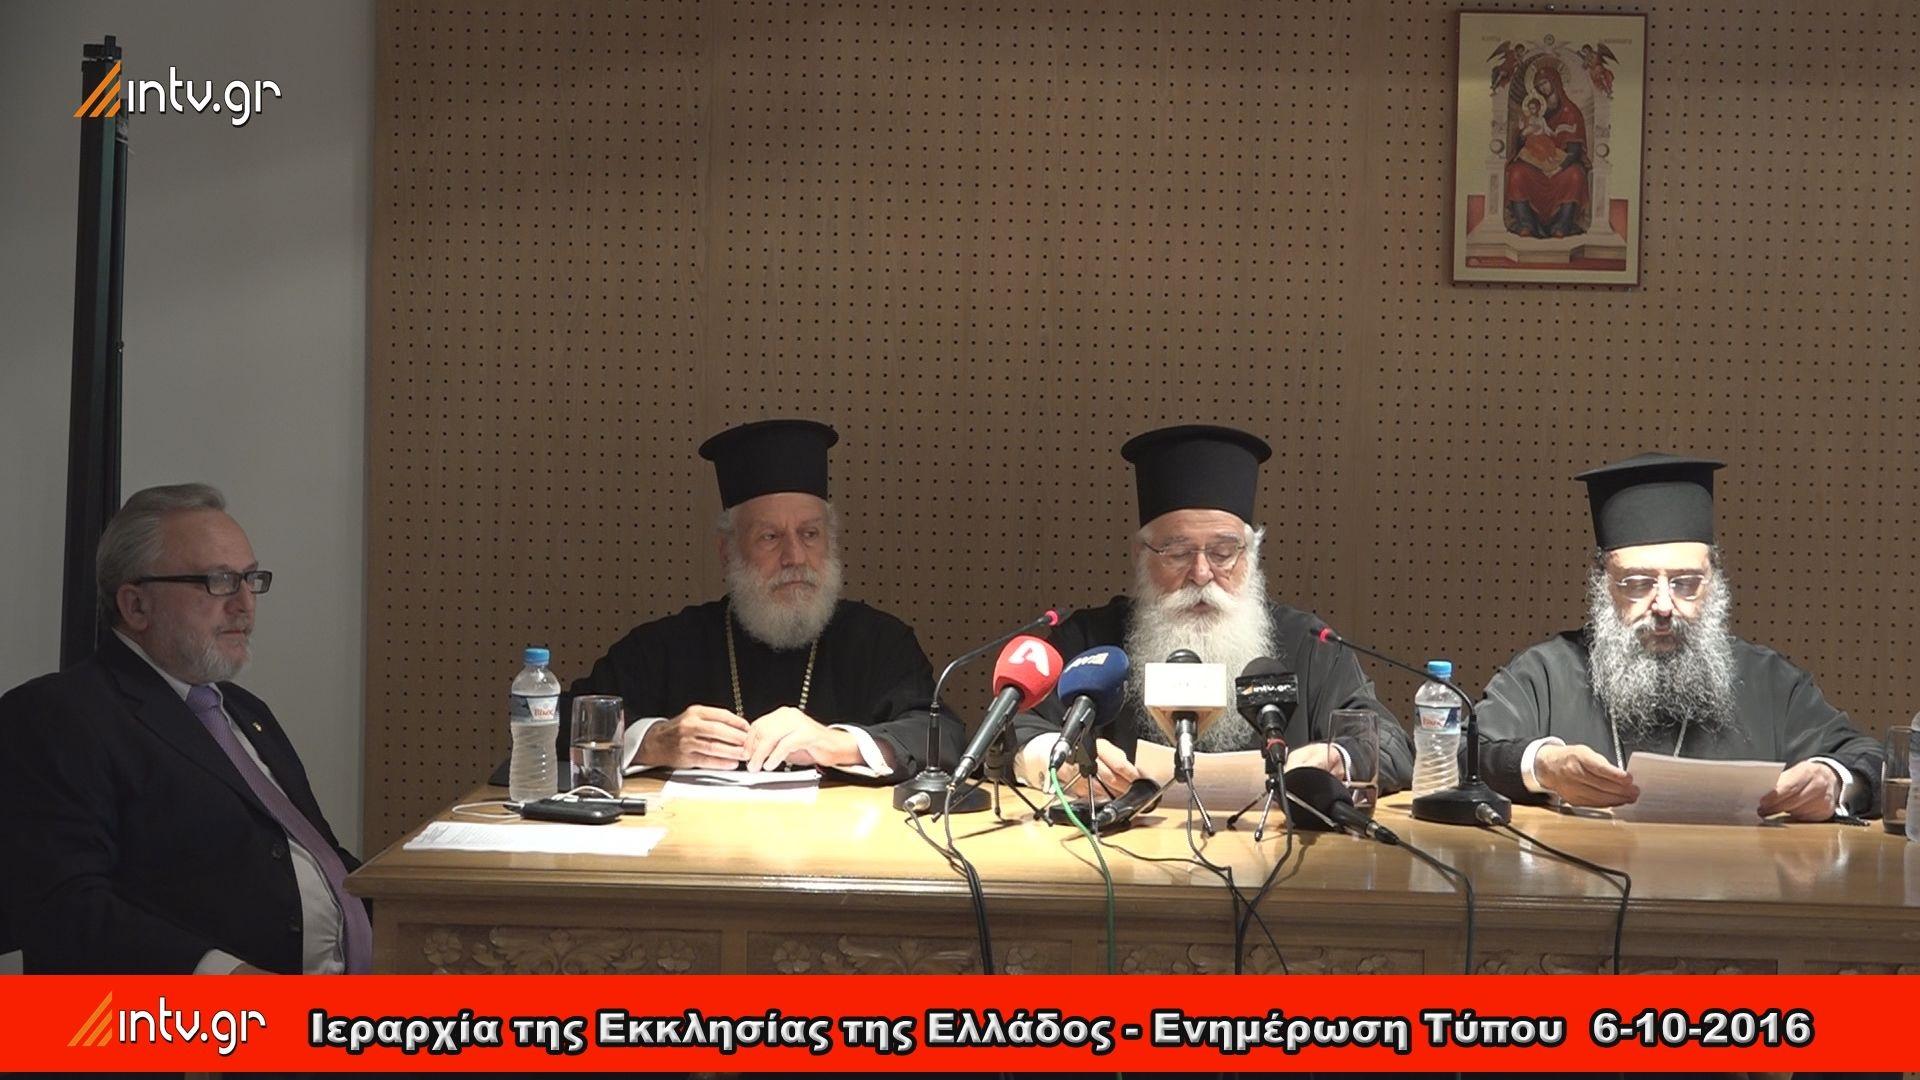 Ιεραρχία της Εκκλησίας της Ελλάδος - Ενημέρωση Τύπου  6-10-2016